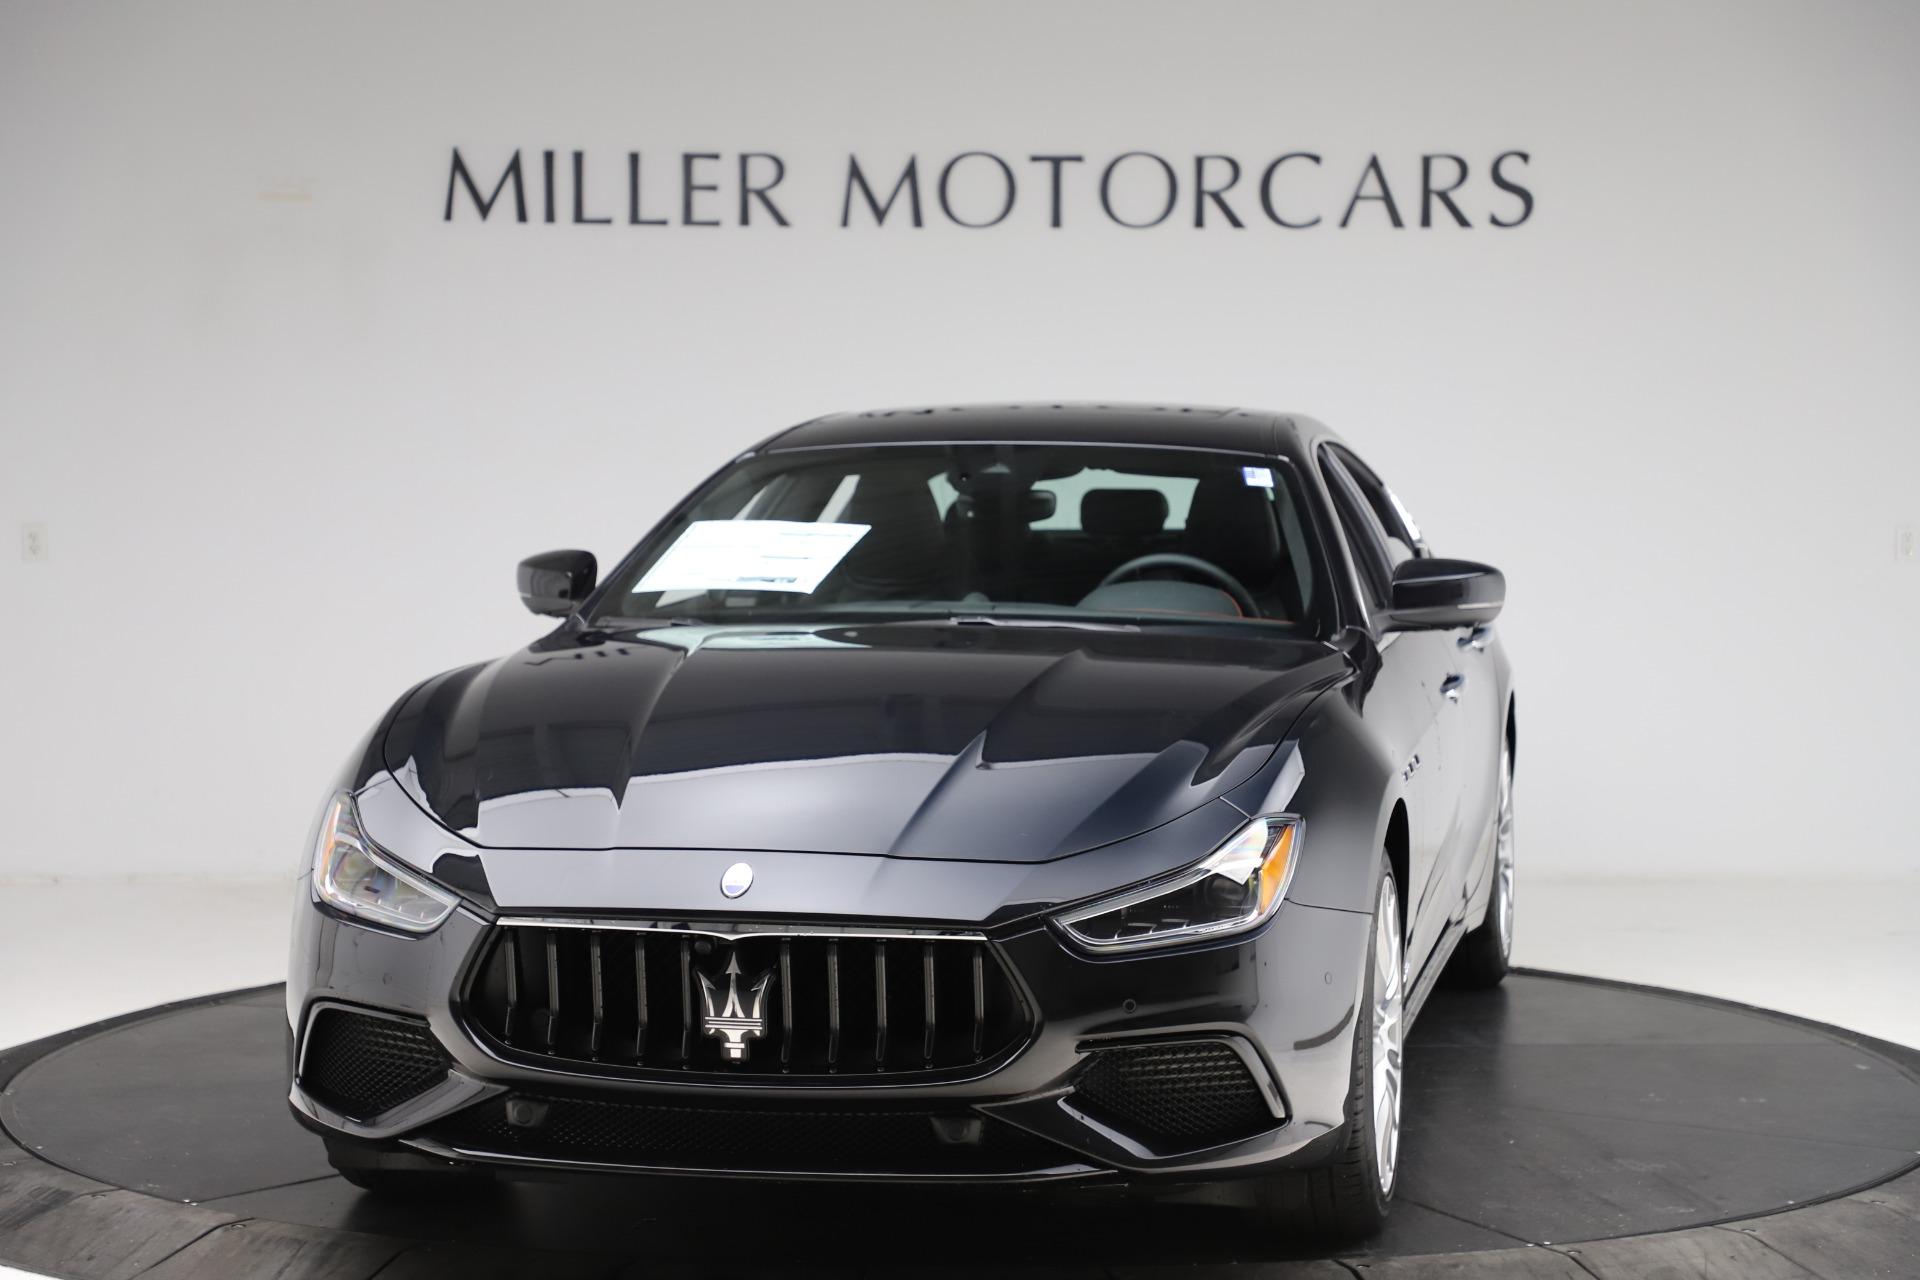 New 2021 Maserati Ghibli S Q4 GranSport for sale $98,035 at Alfa Romeo of Westport in Westport CT 06880 1